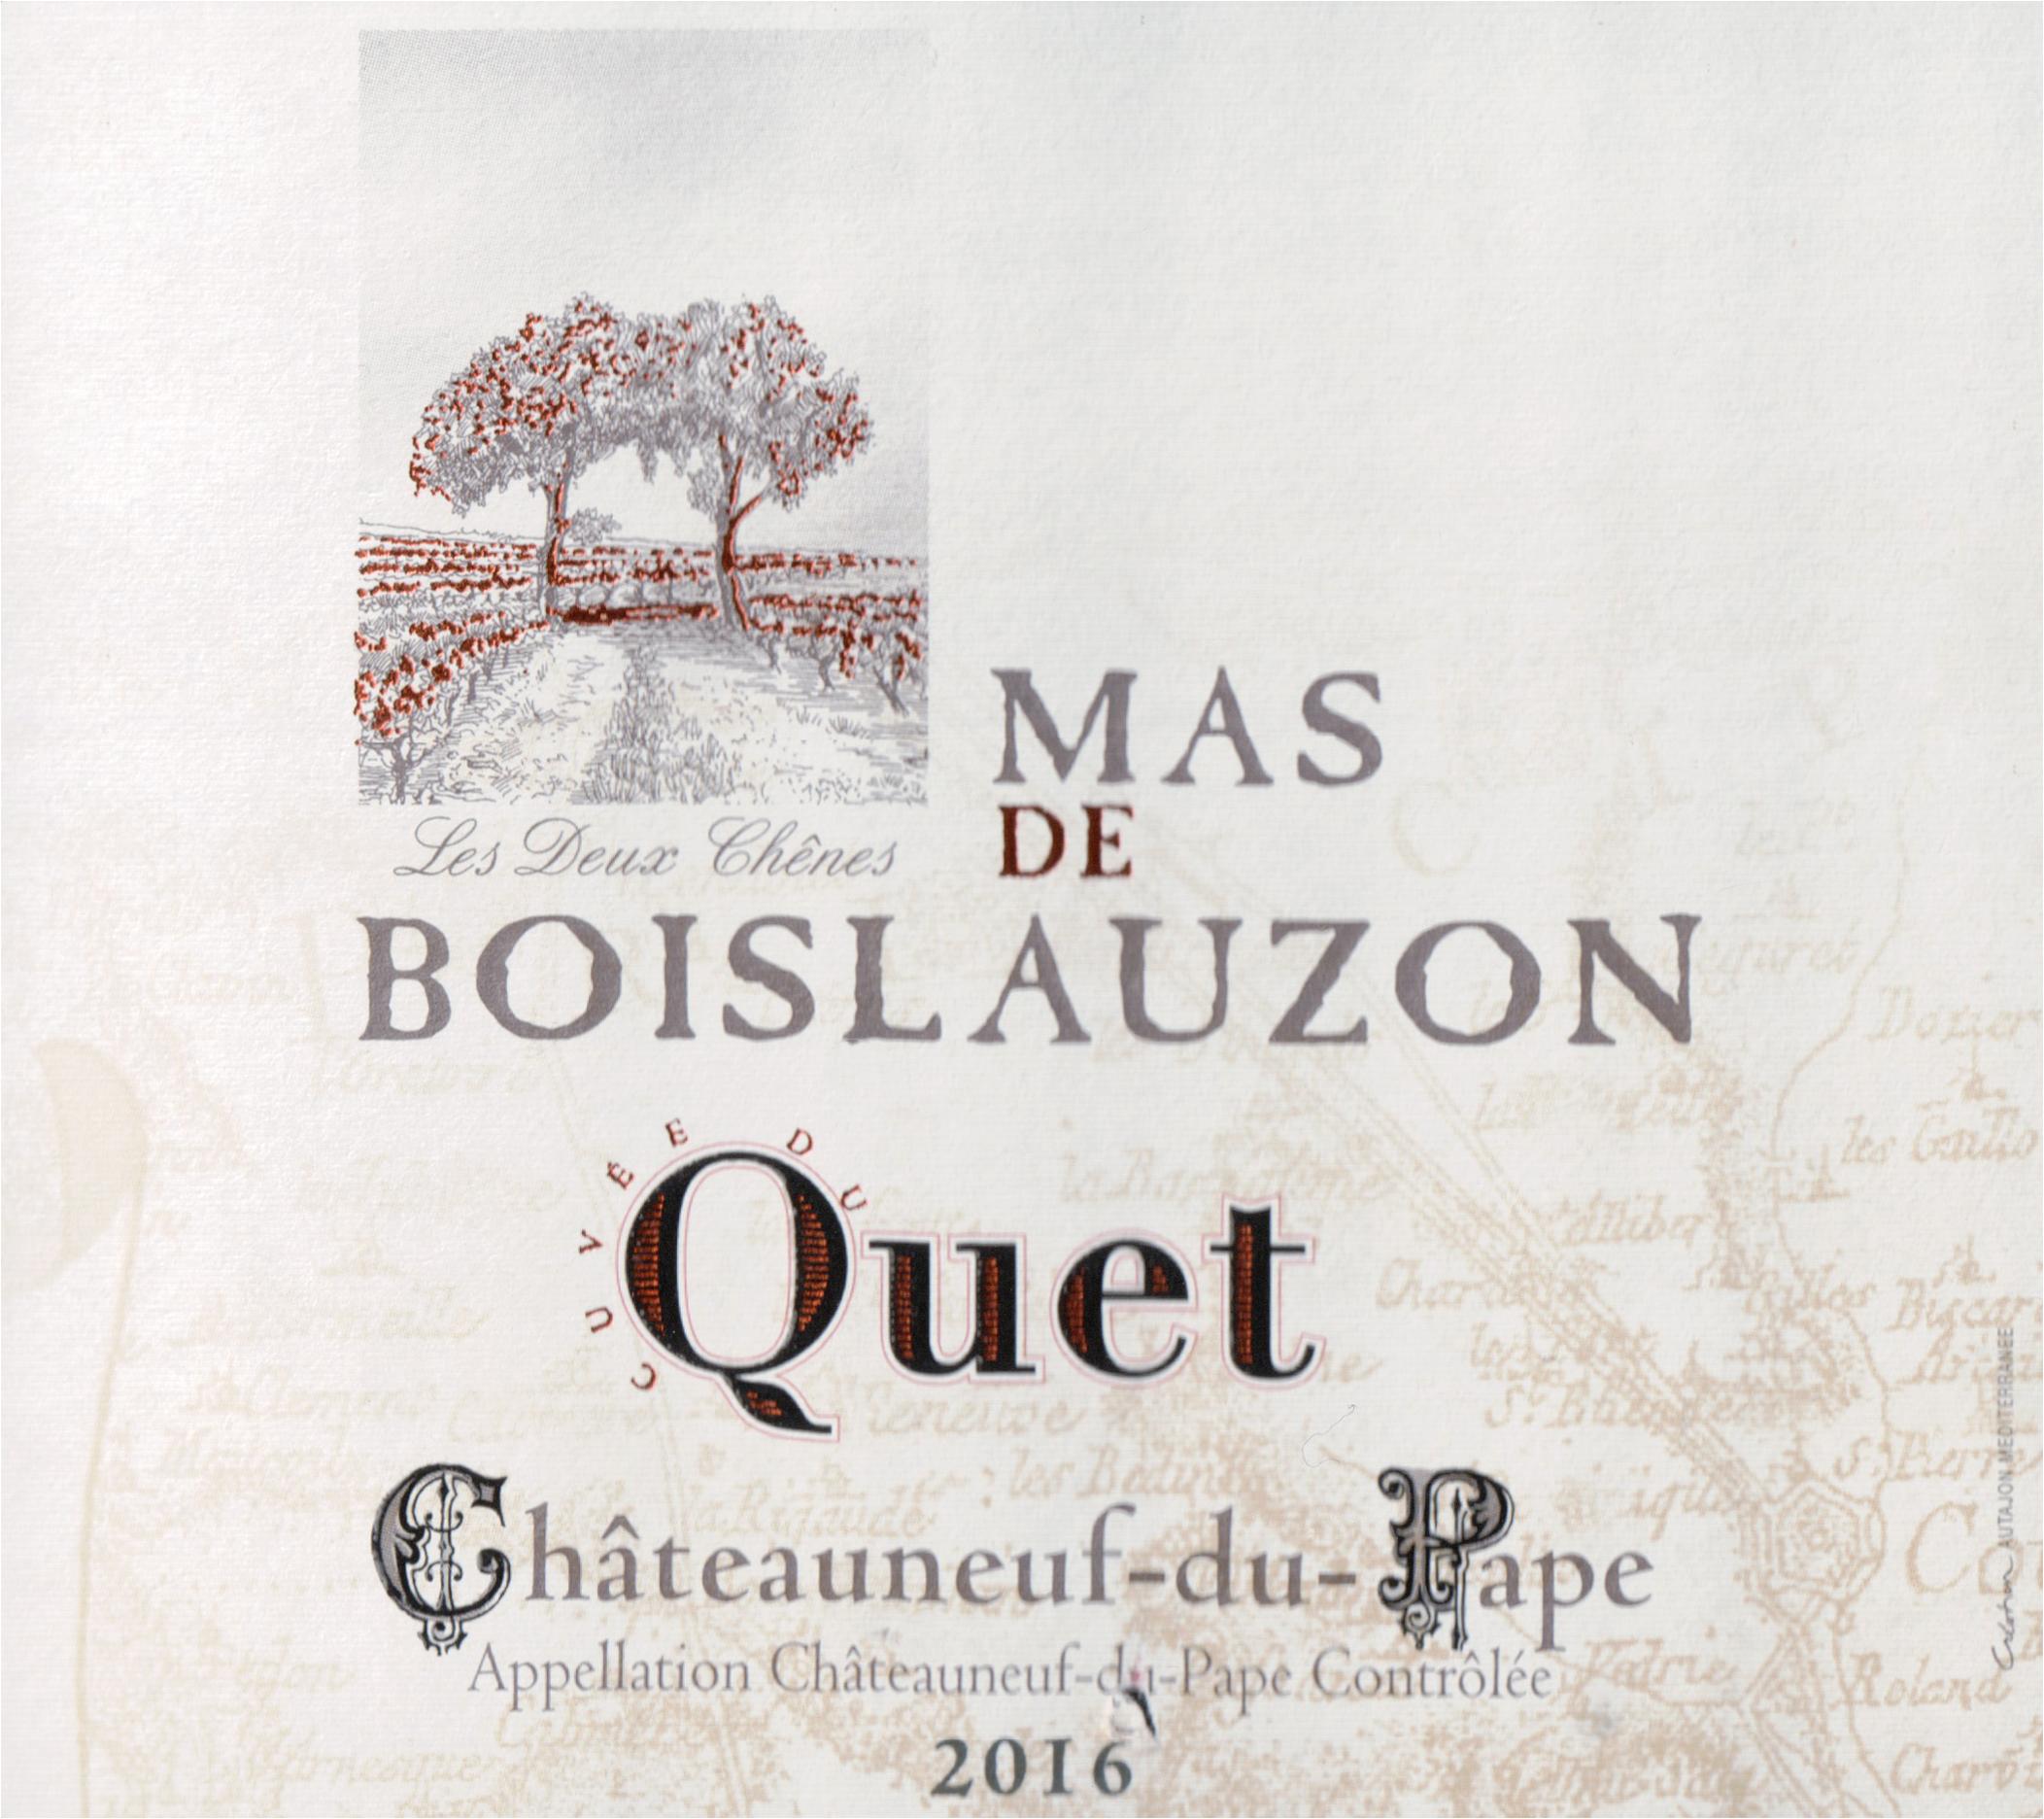 Mas De Boislauzon Cuvee Du Quet Chateauneuf Du Pape 2016